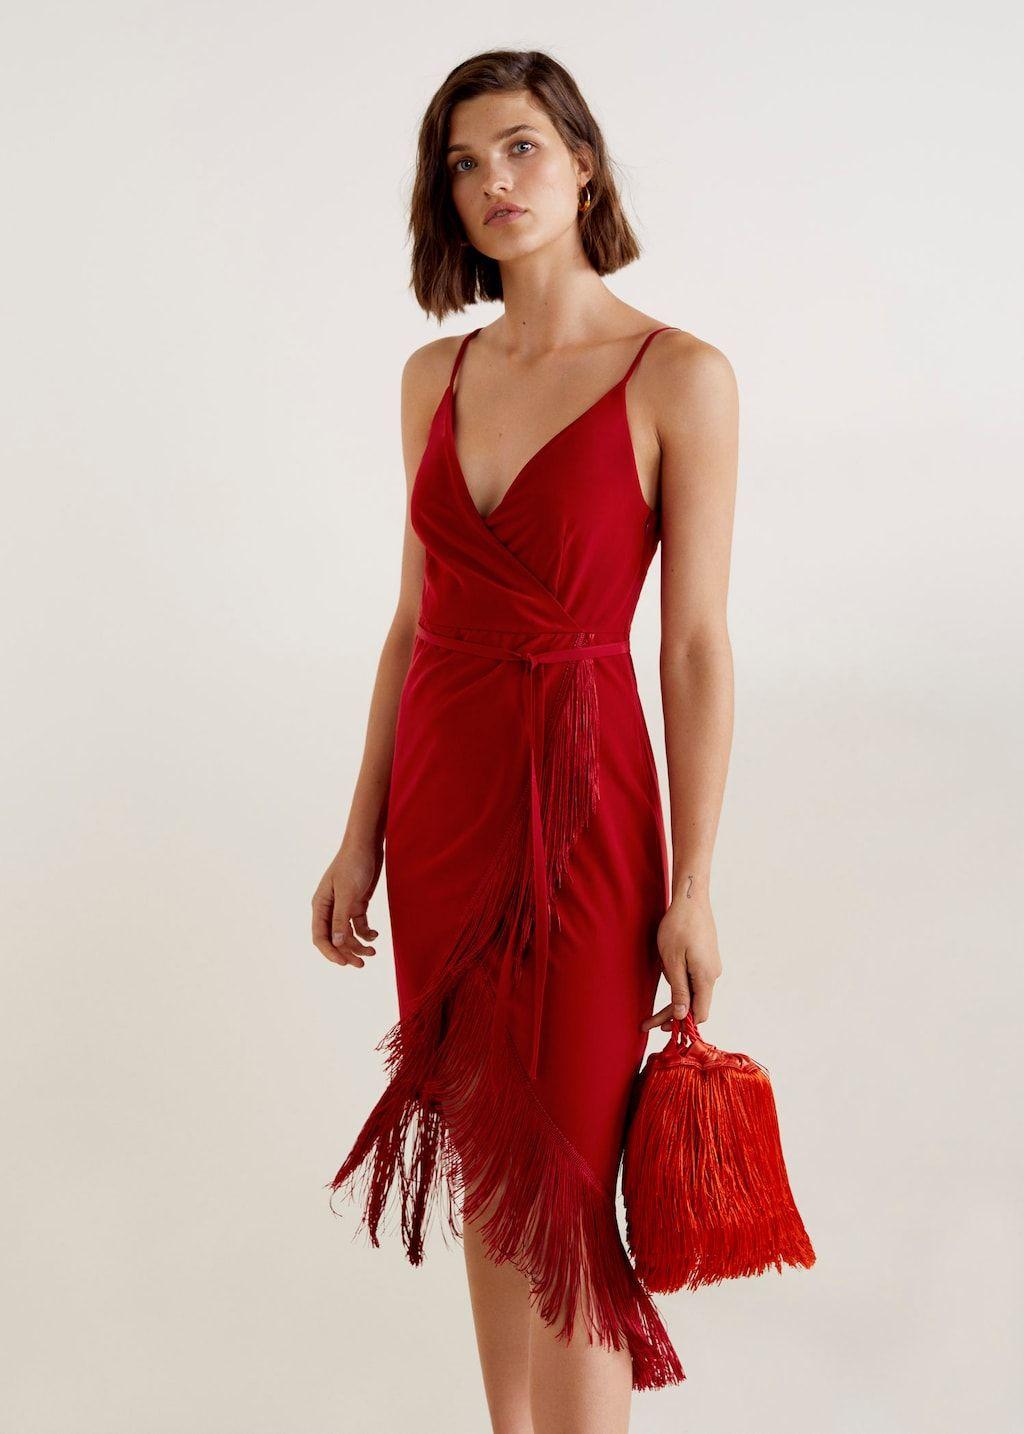 Vestido flecos en 2020 | Vestido con flecos, Vestidos de